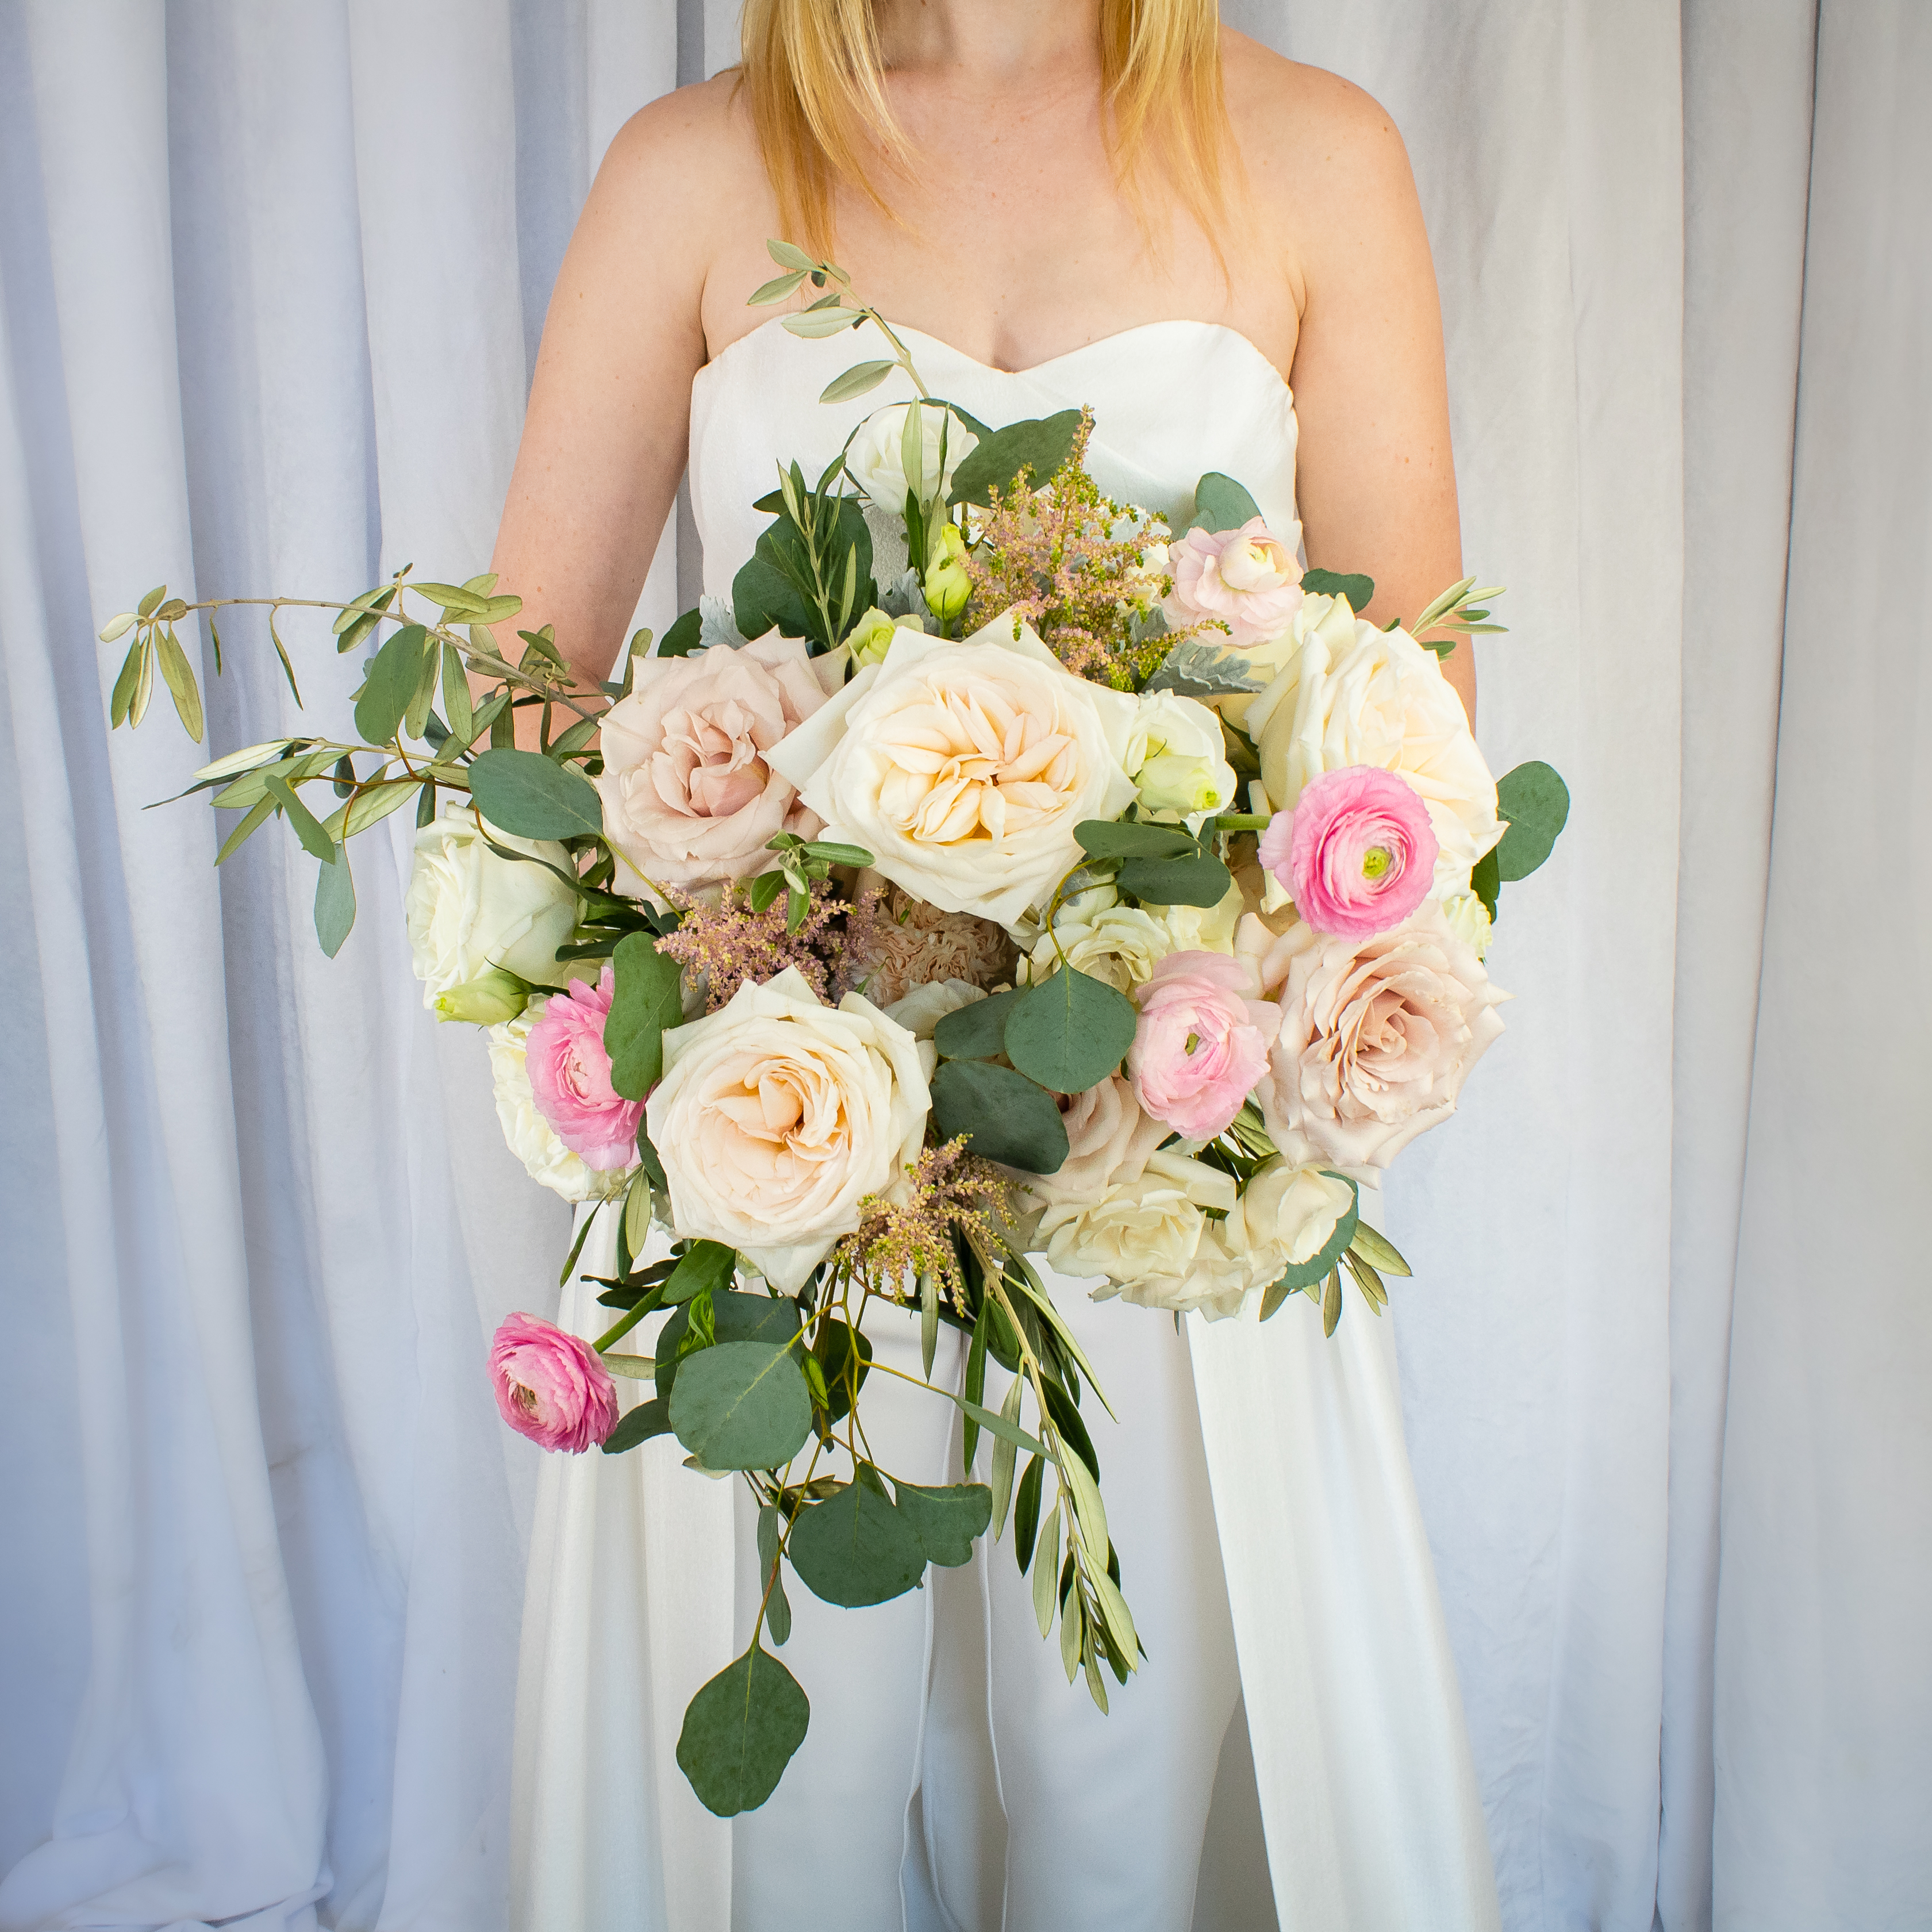 Focal Wedding Bouquet